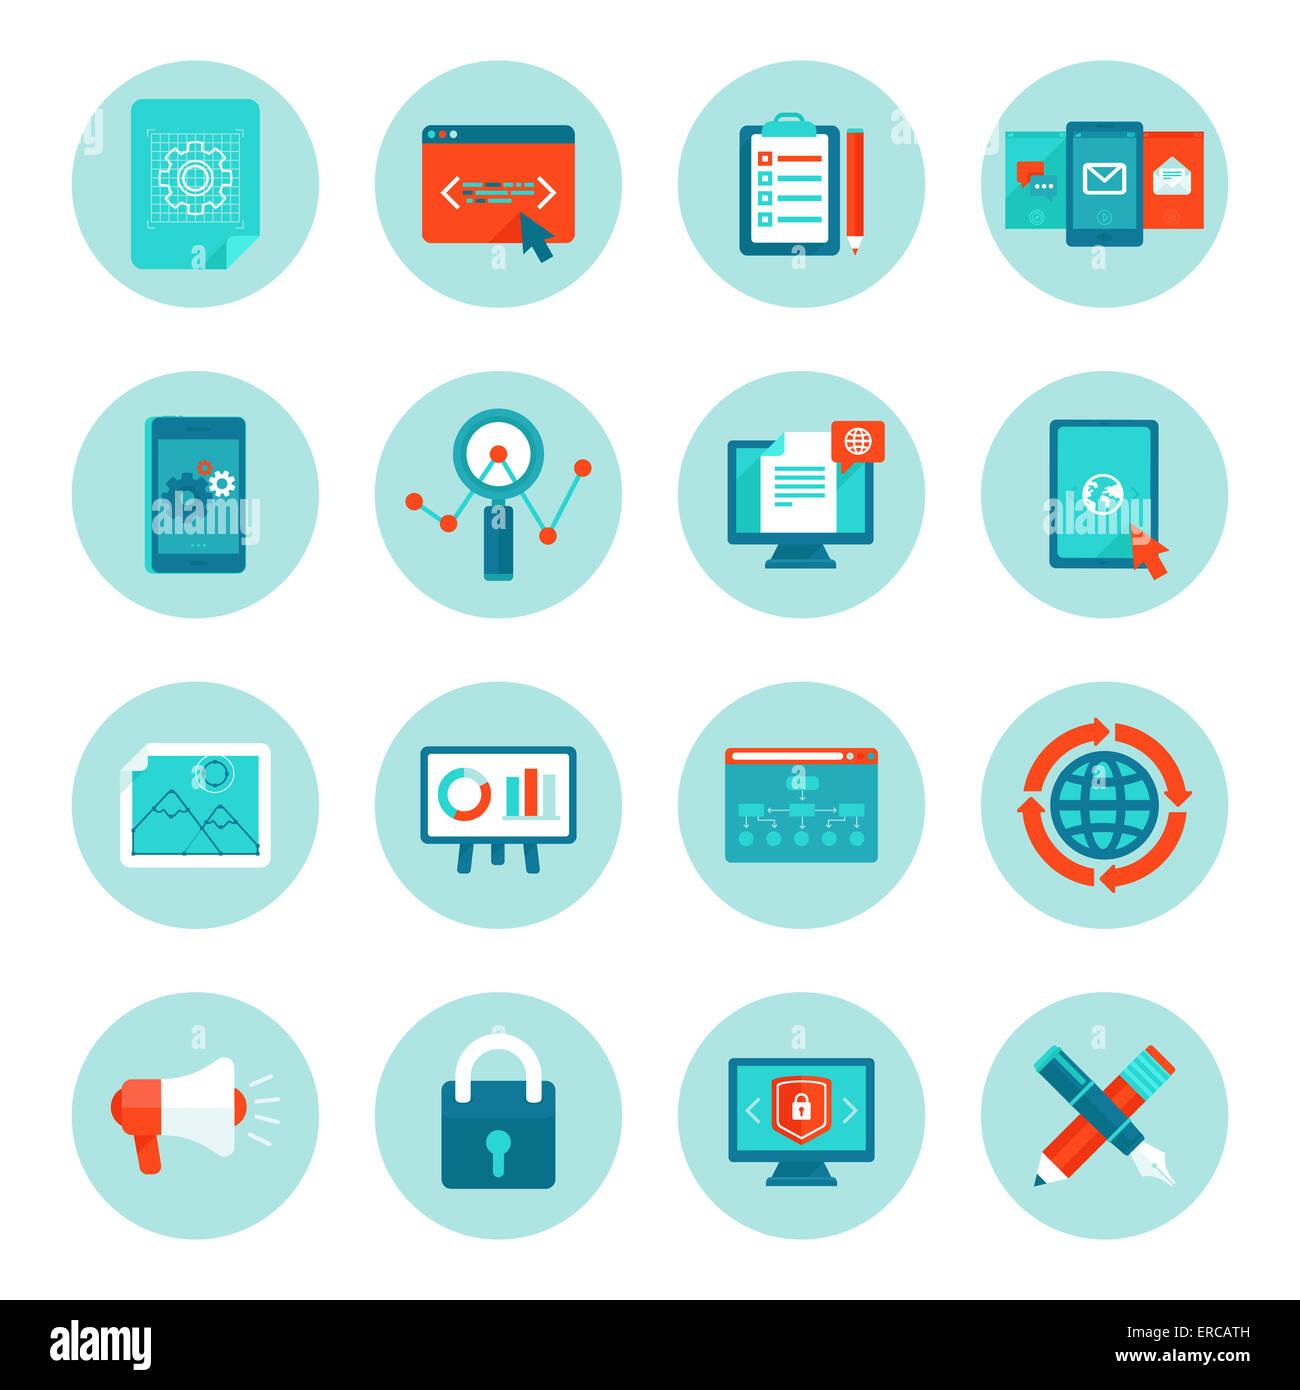 Lo sviluppo Web e digital marketing icone in stile piatto - illustrazioni e segni sul background del cerchio Immagini Stock